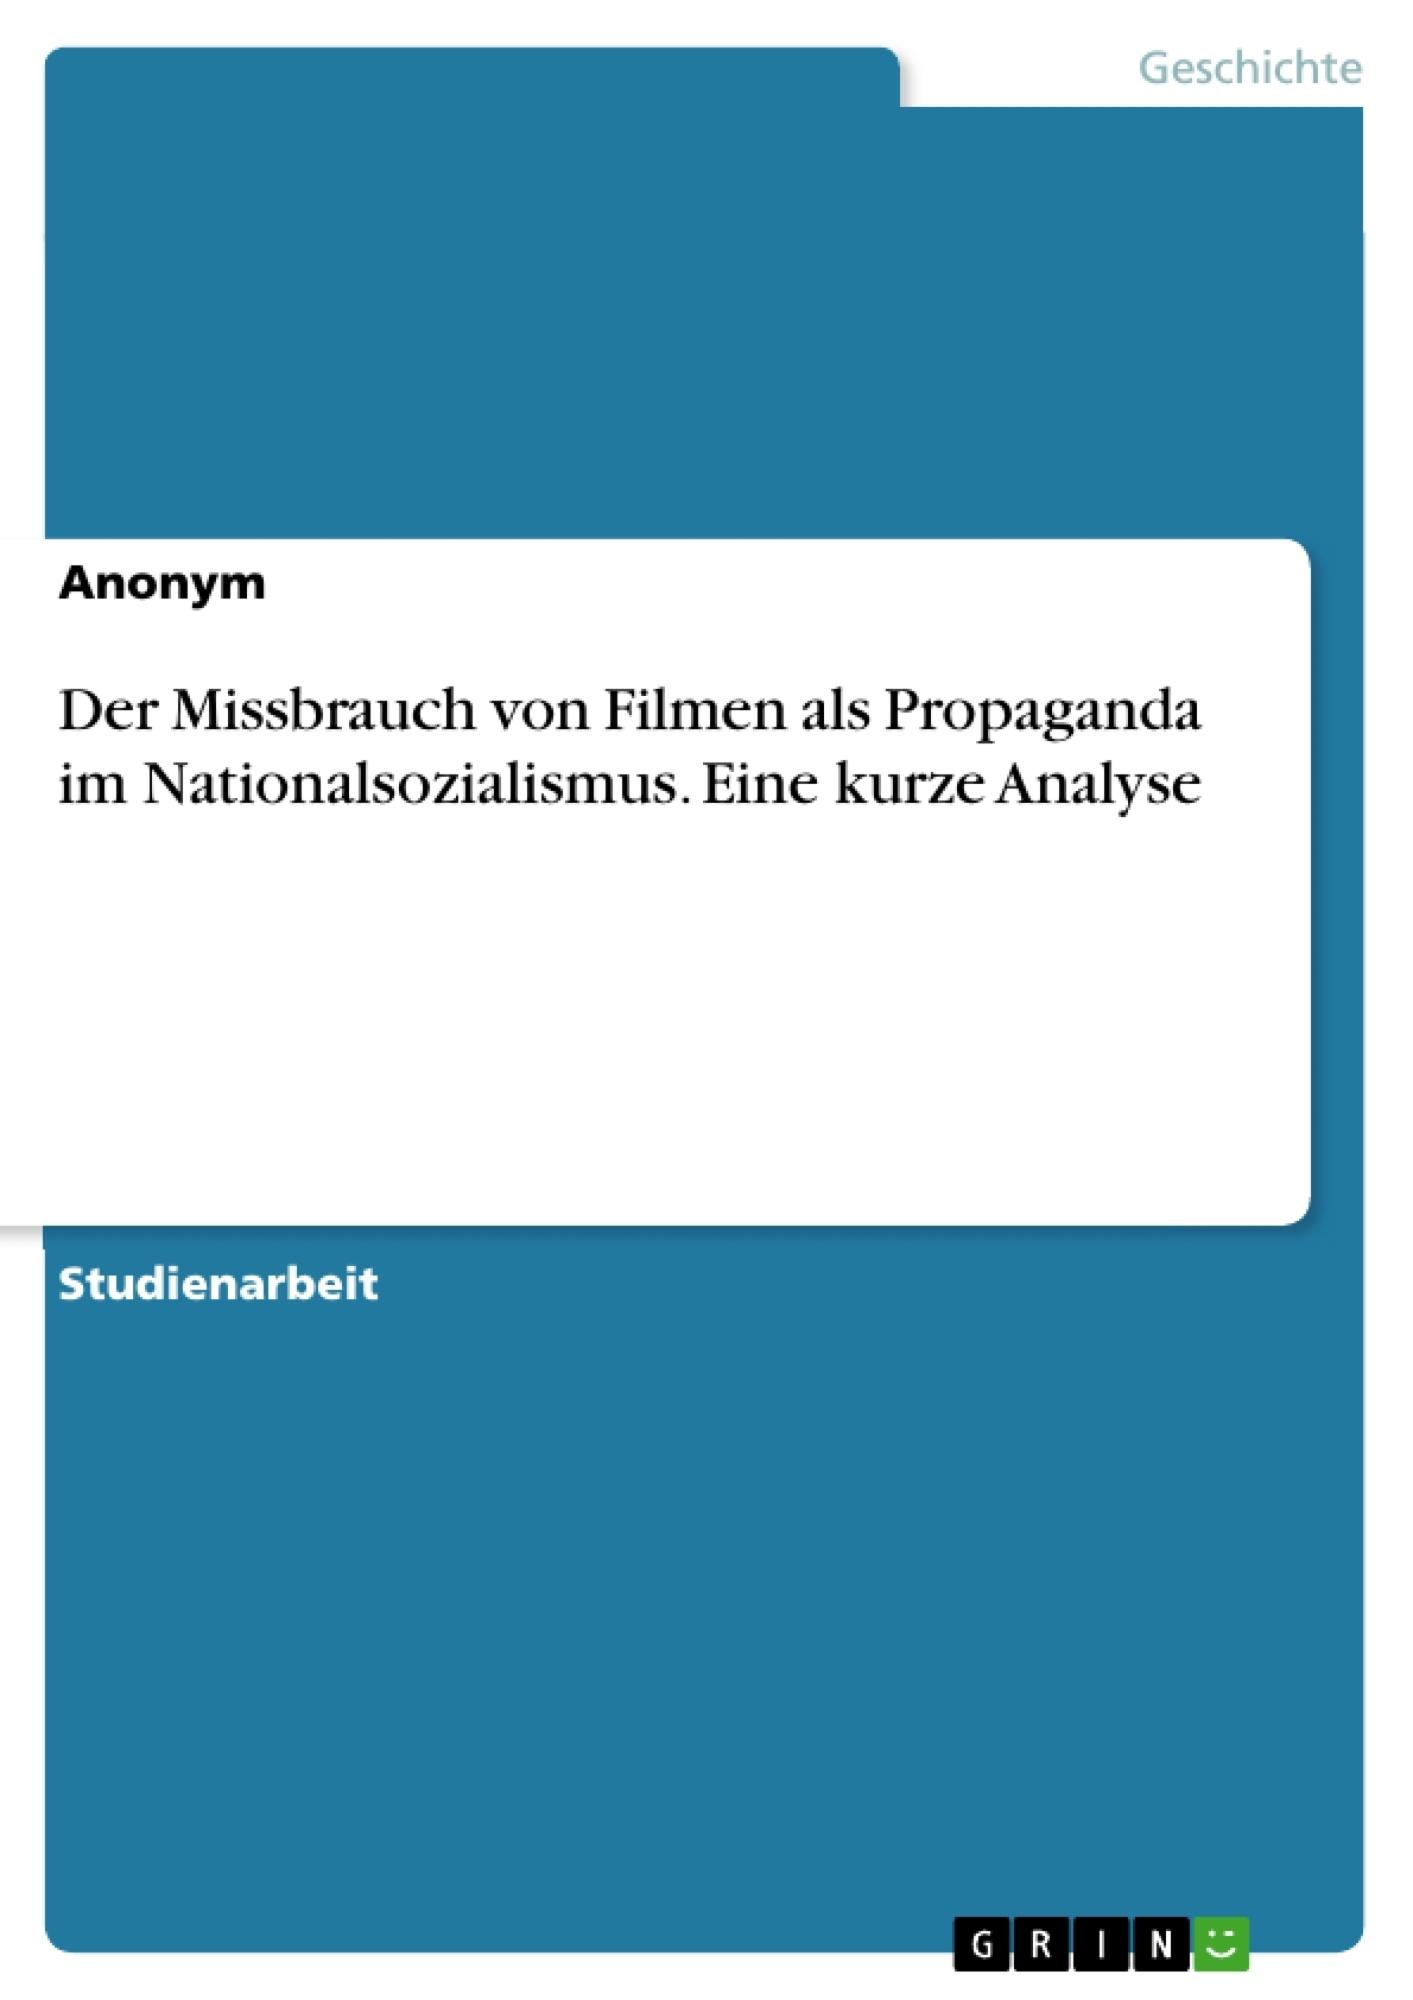 Titel: Der Missbrauch von Filmen als Propaganda im Nationalsozialismus. Eine kurze Analyse